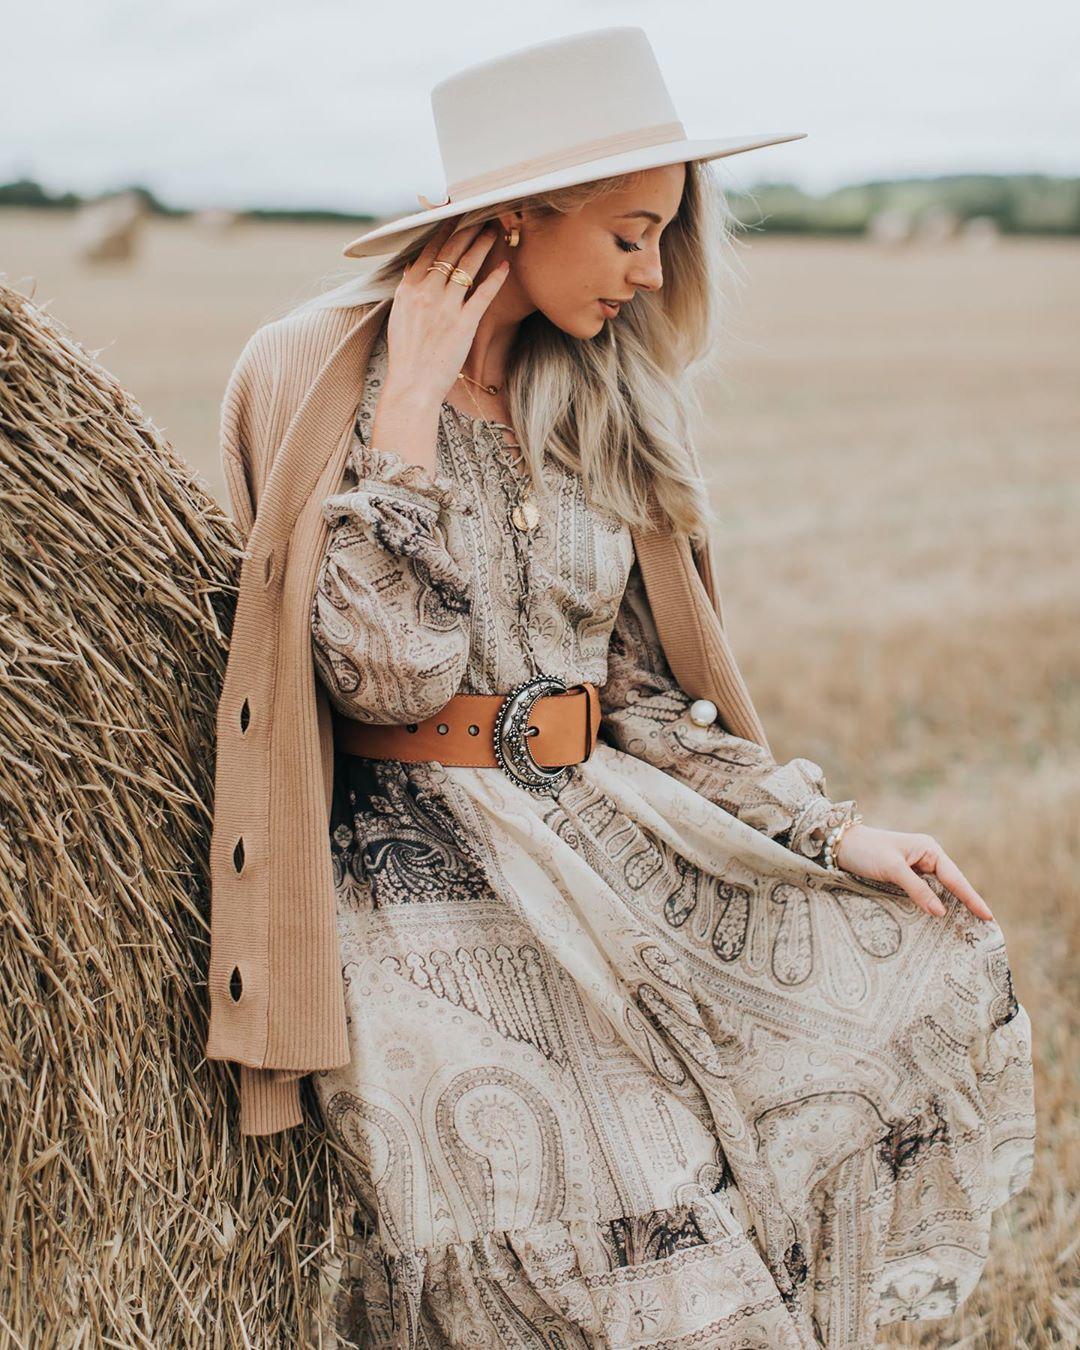 الفستان الواسع مع حزام أعلى الخصر